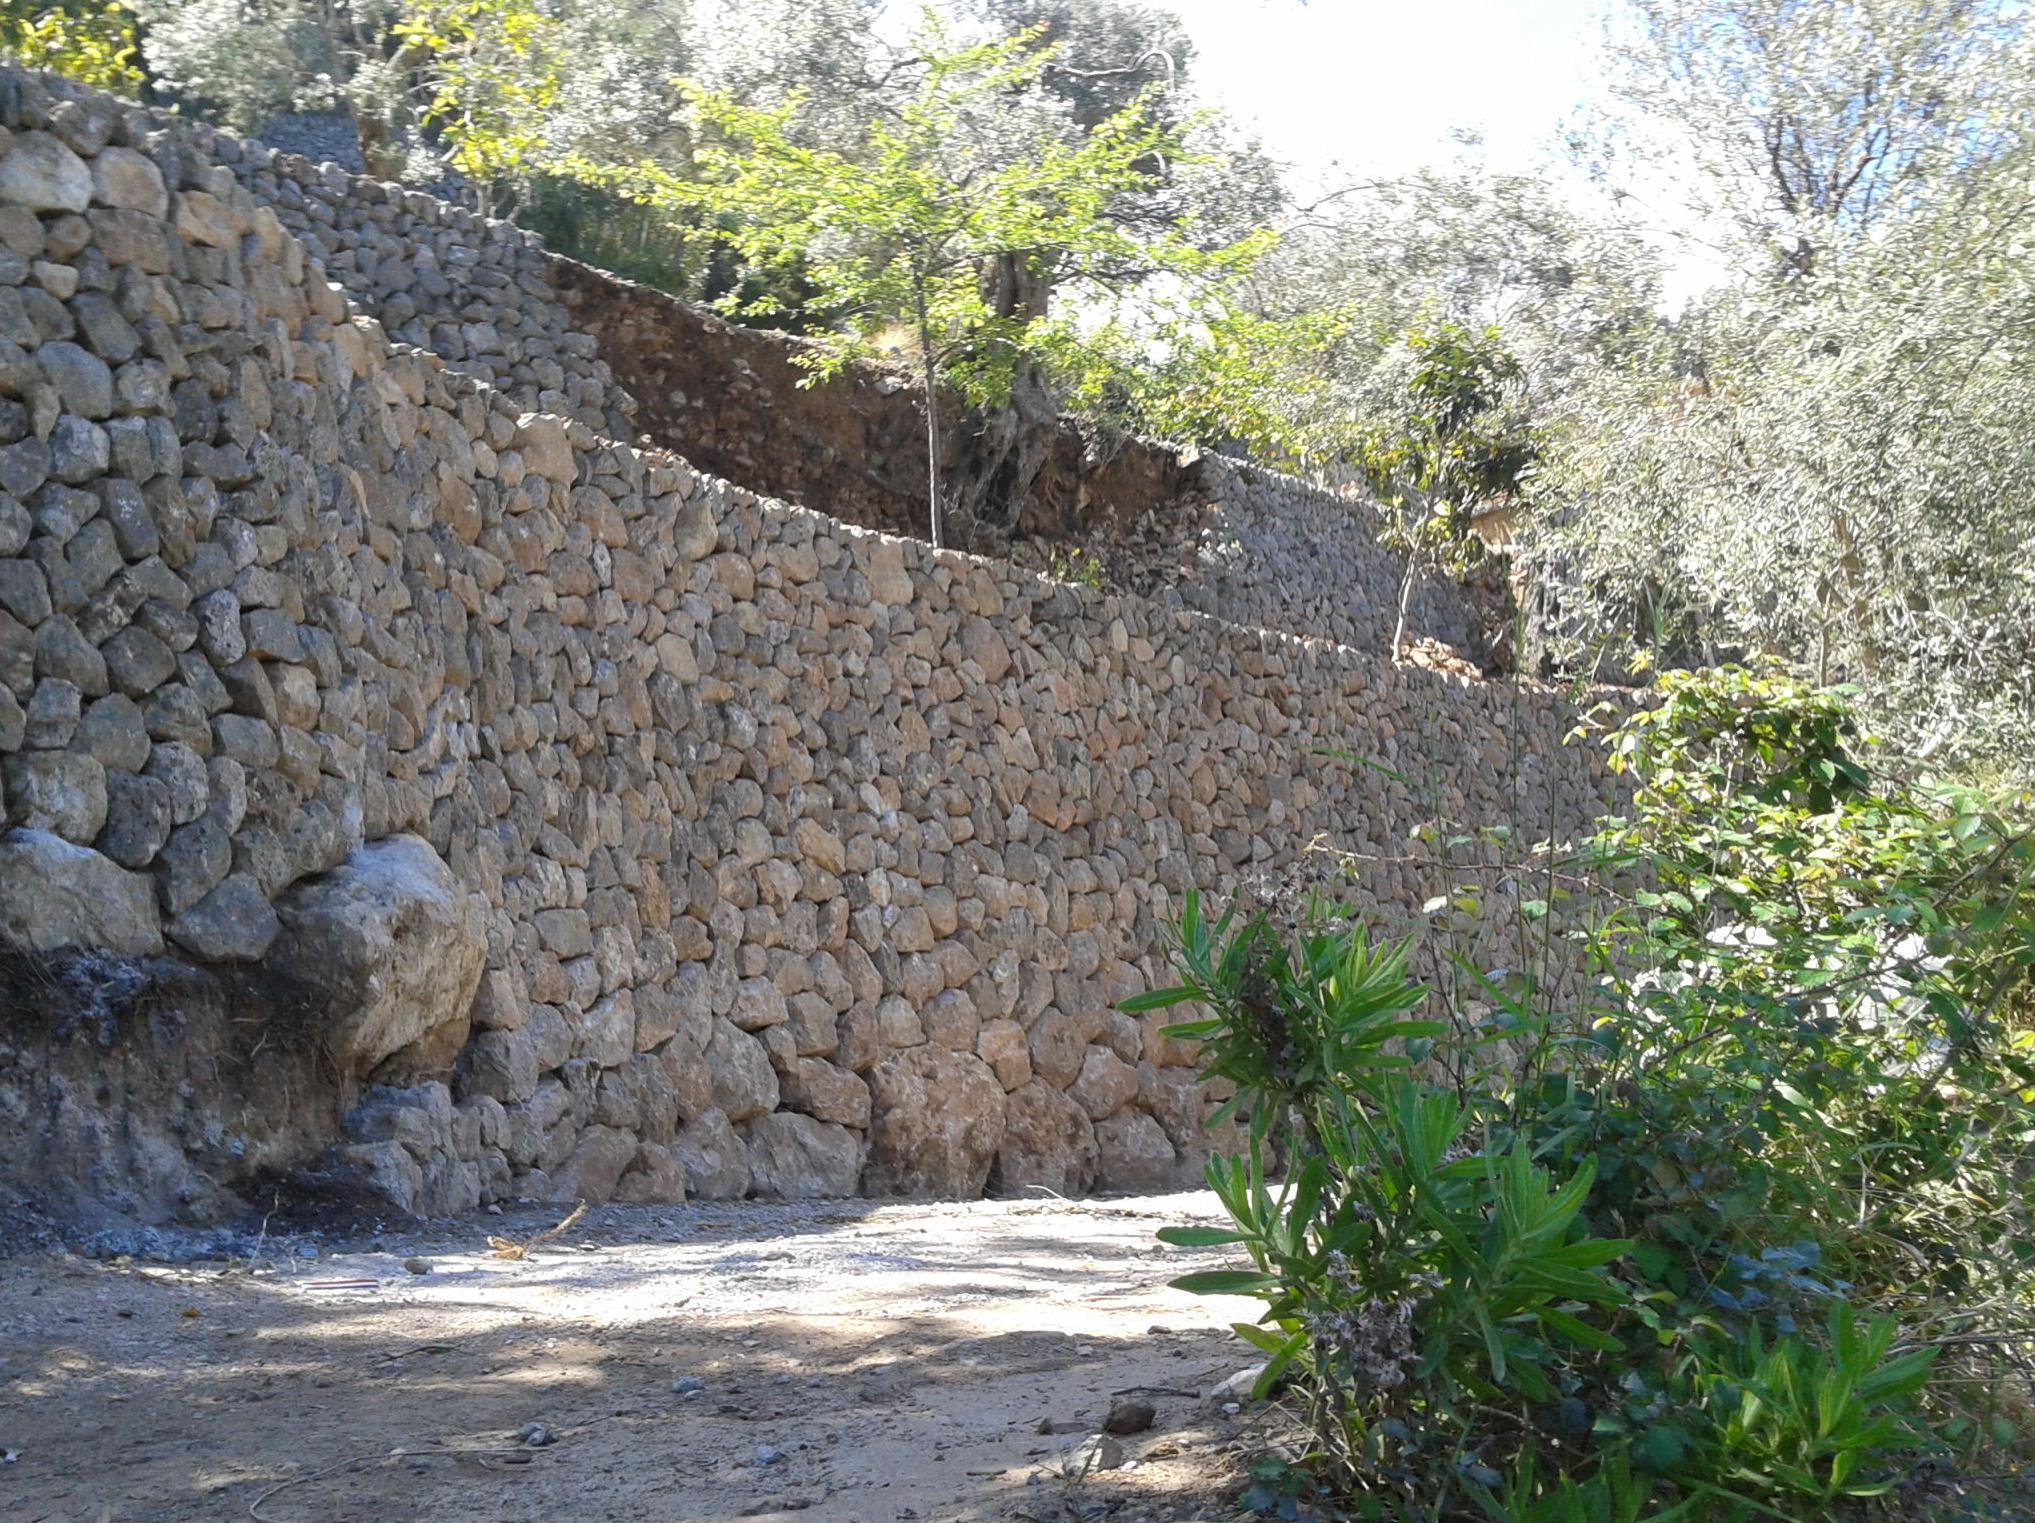 Cierres de piedra